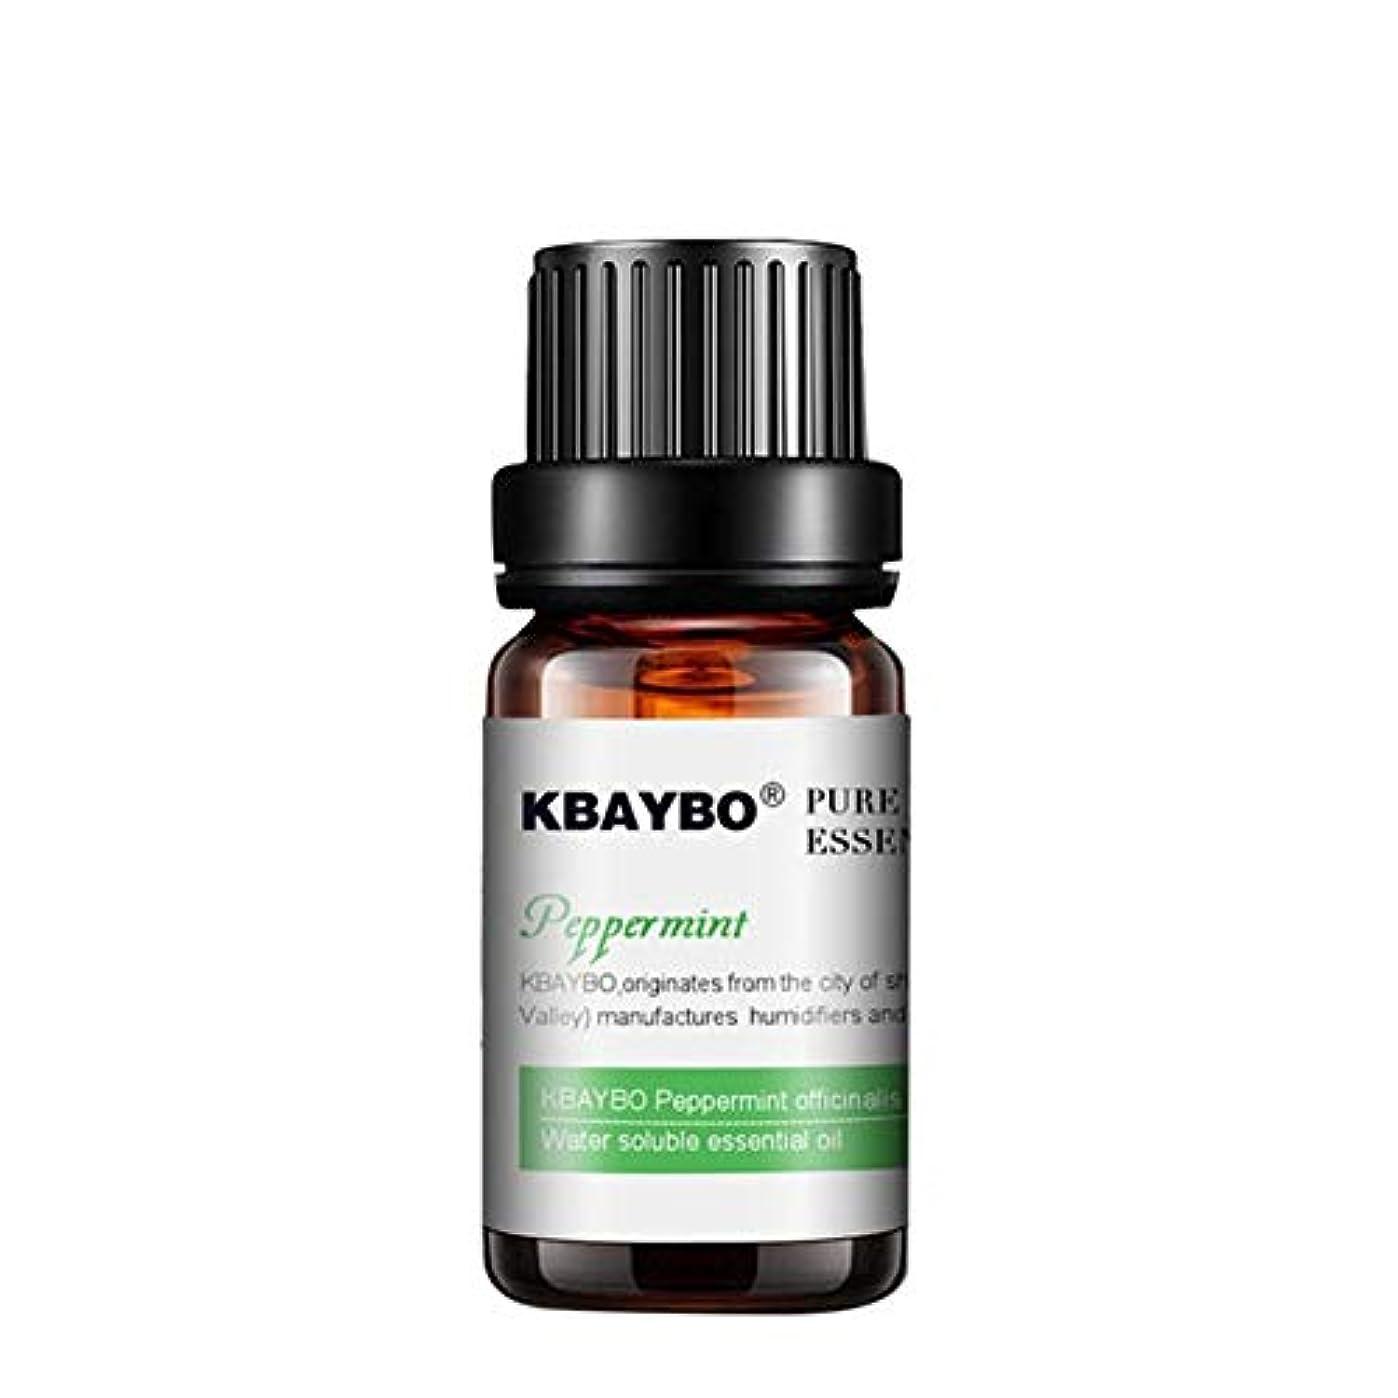 アロマテラピー 10ml ミント ラベンダー エッセンシャルオイル ナチュラル アロマ 植物 フレグランスランプ 加湿器 水溶性 香り